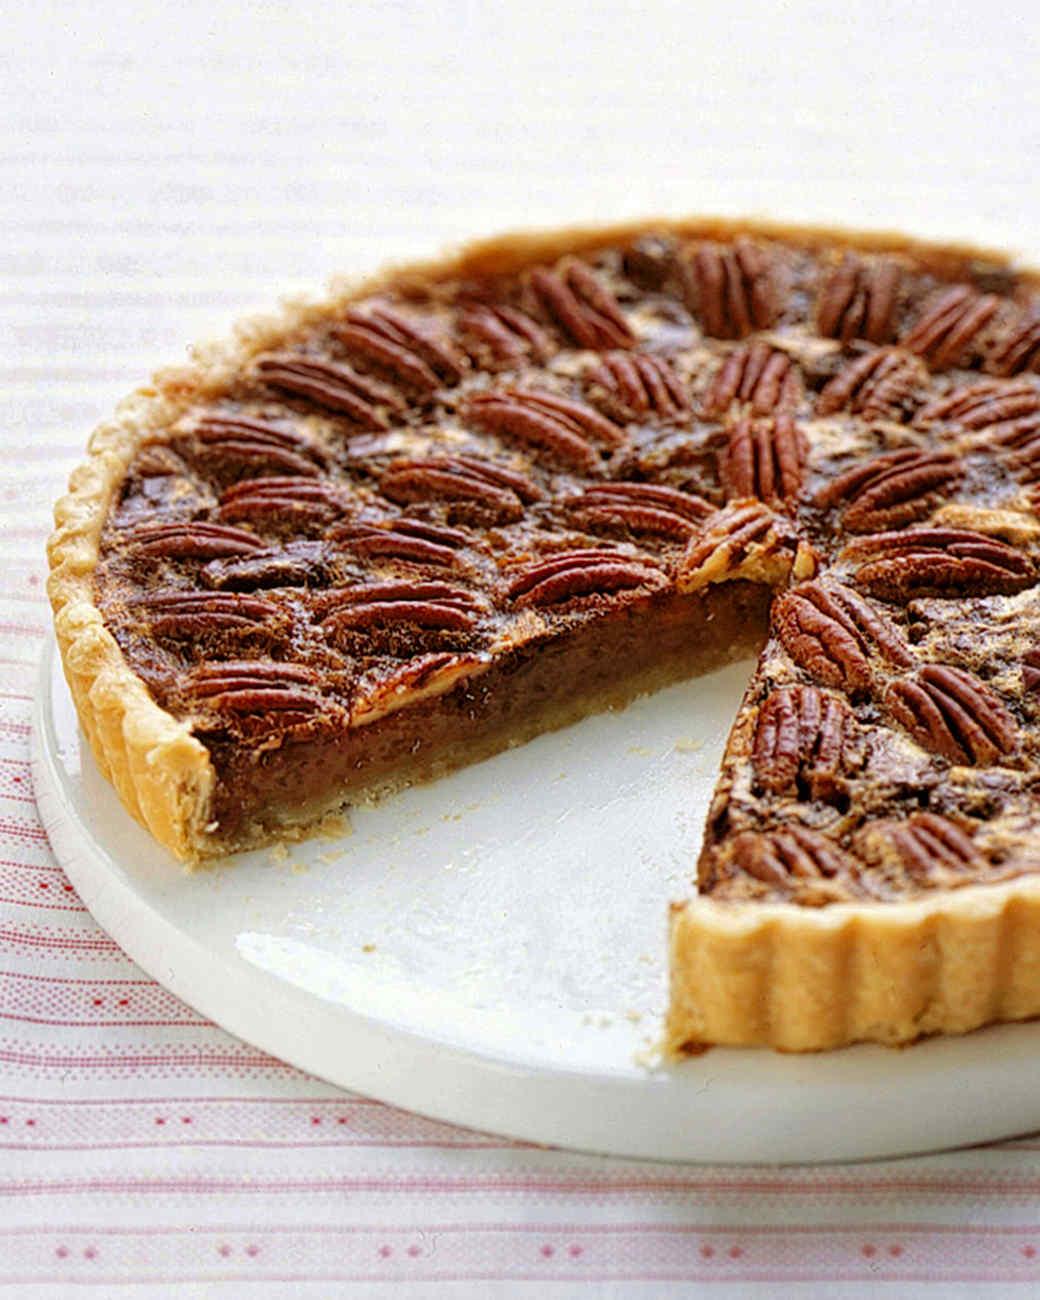 Chocolate-Pecan Tart